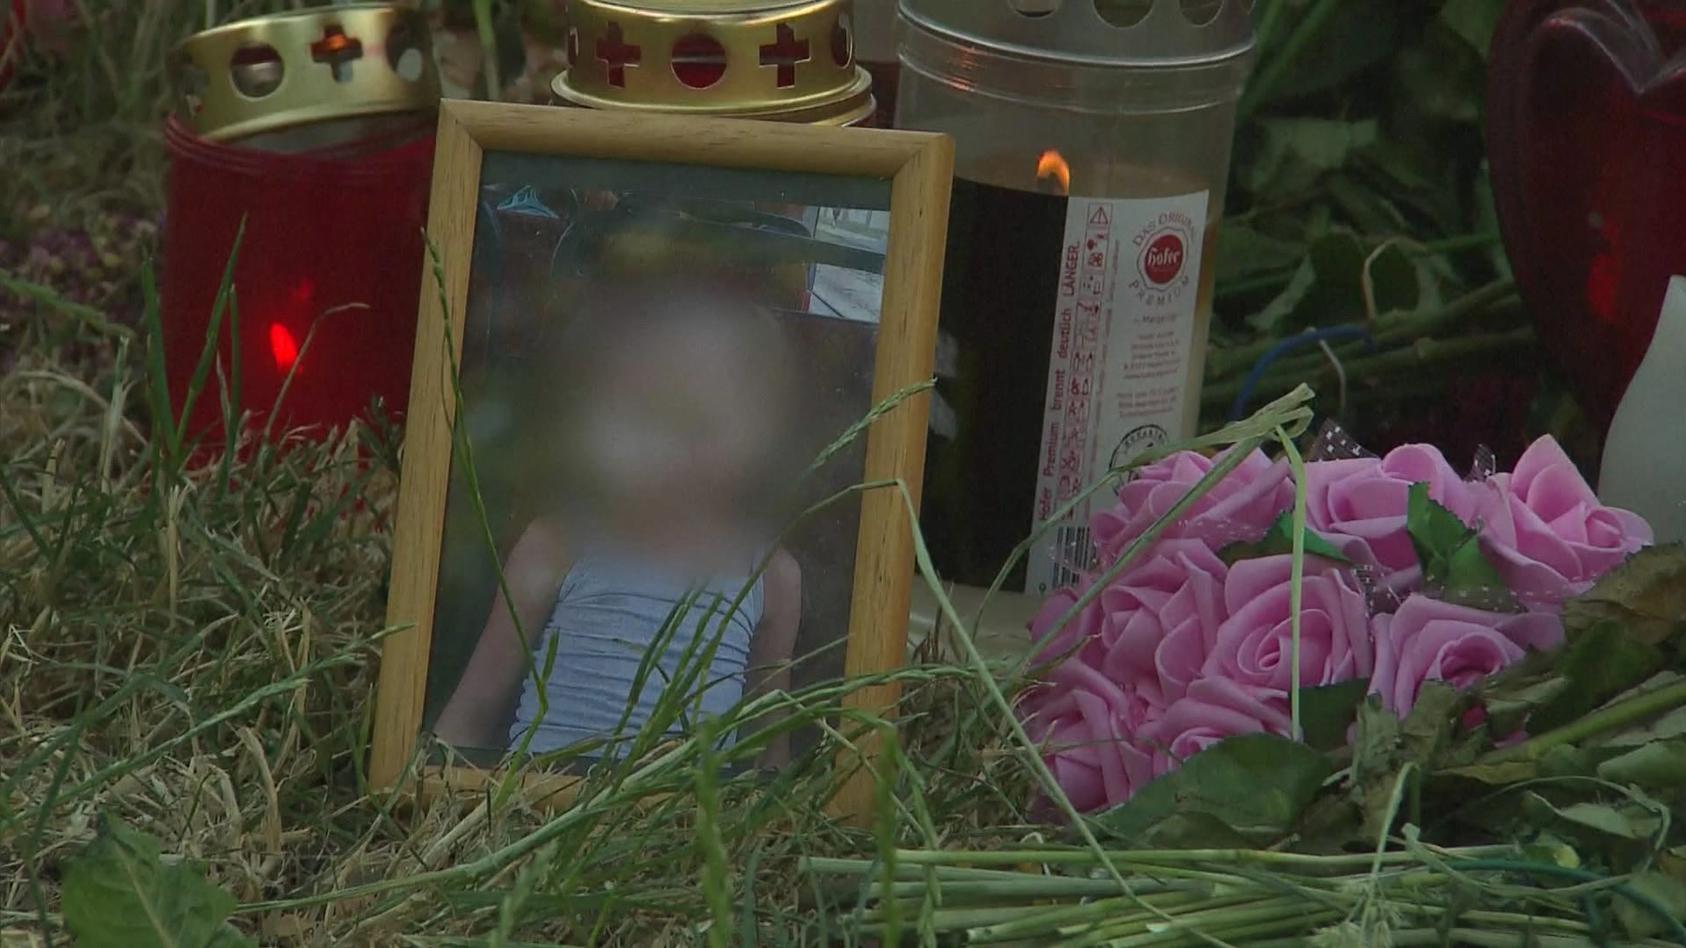 Am Fundort der getöteten Jugendlichen hat jemand ein Kinderfoto von Leonie (13) im Bilderrahmen aufgestellt.